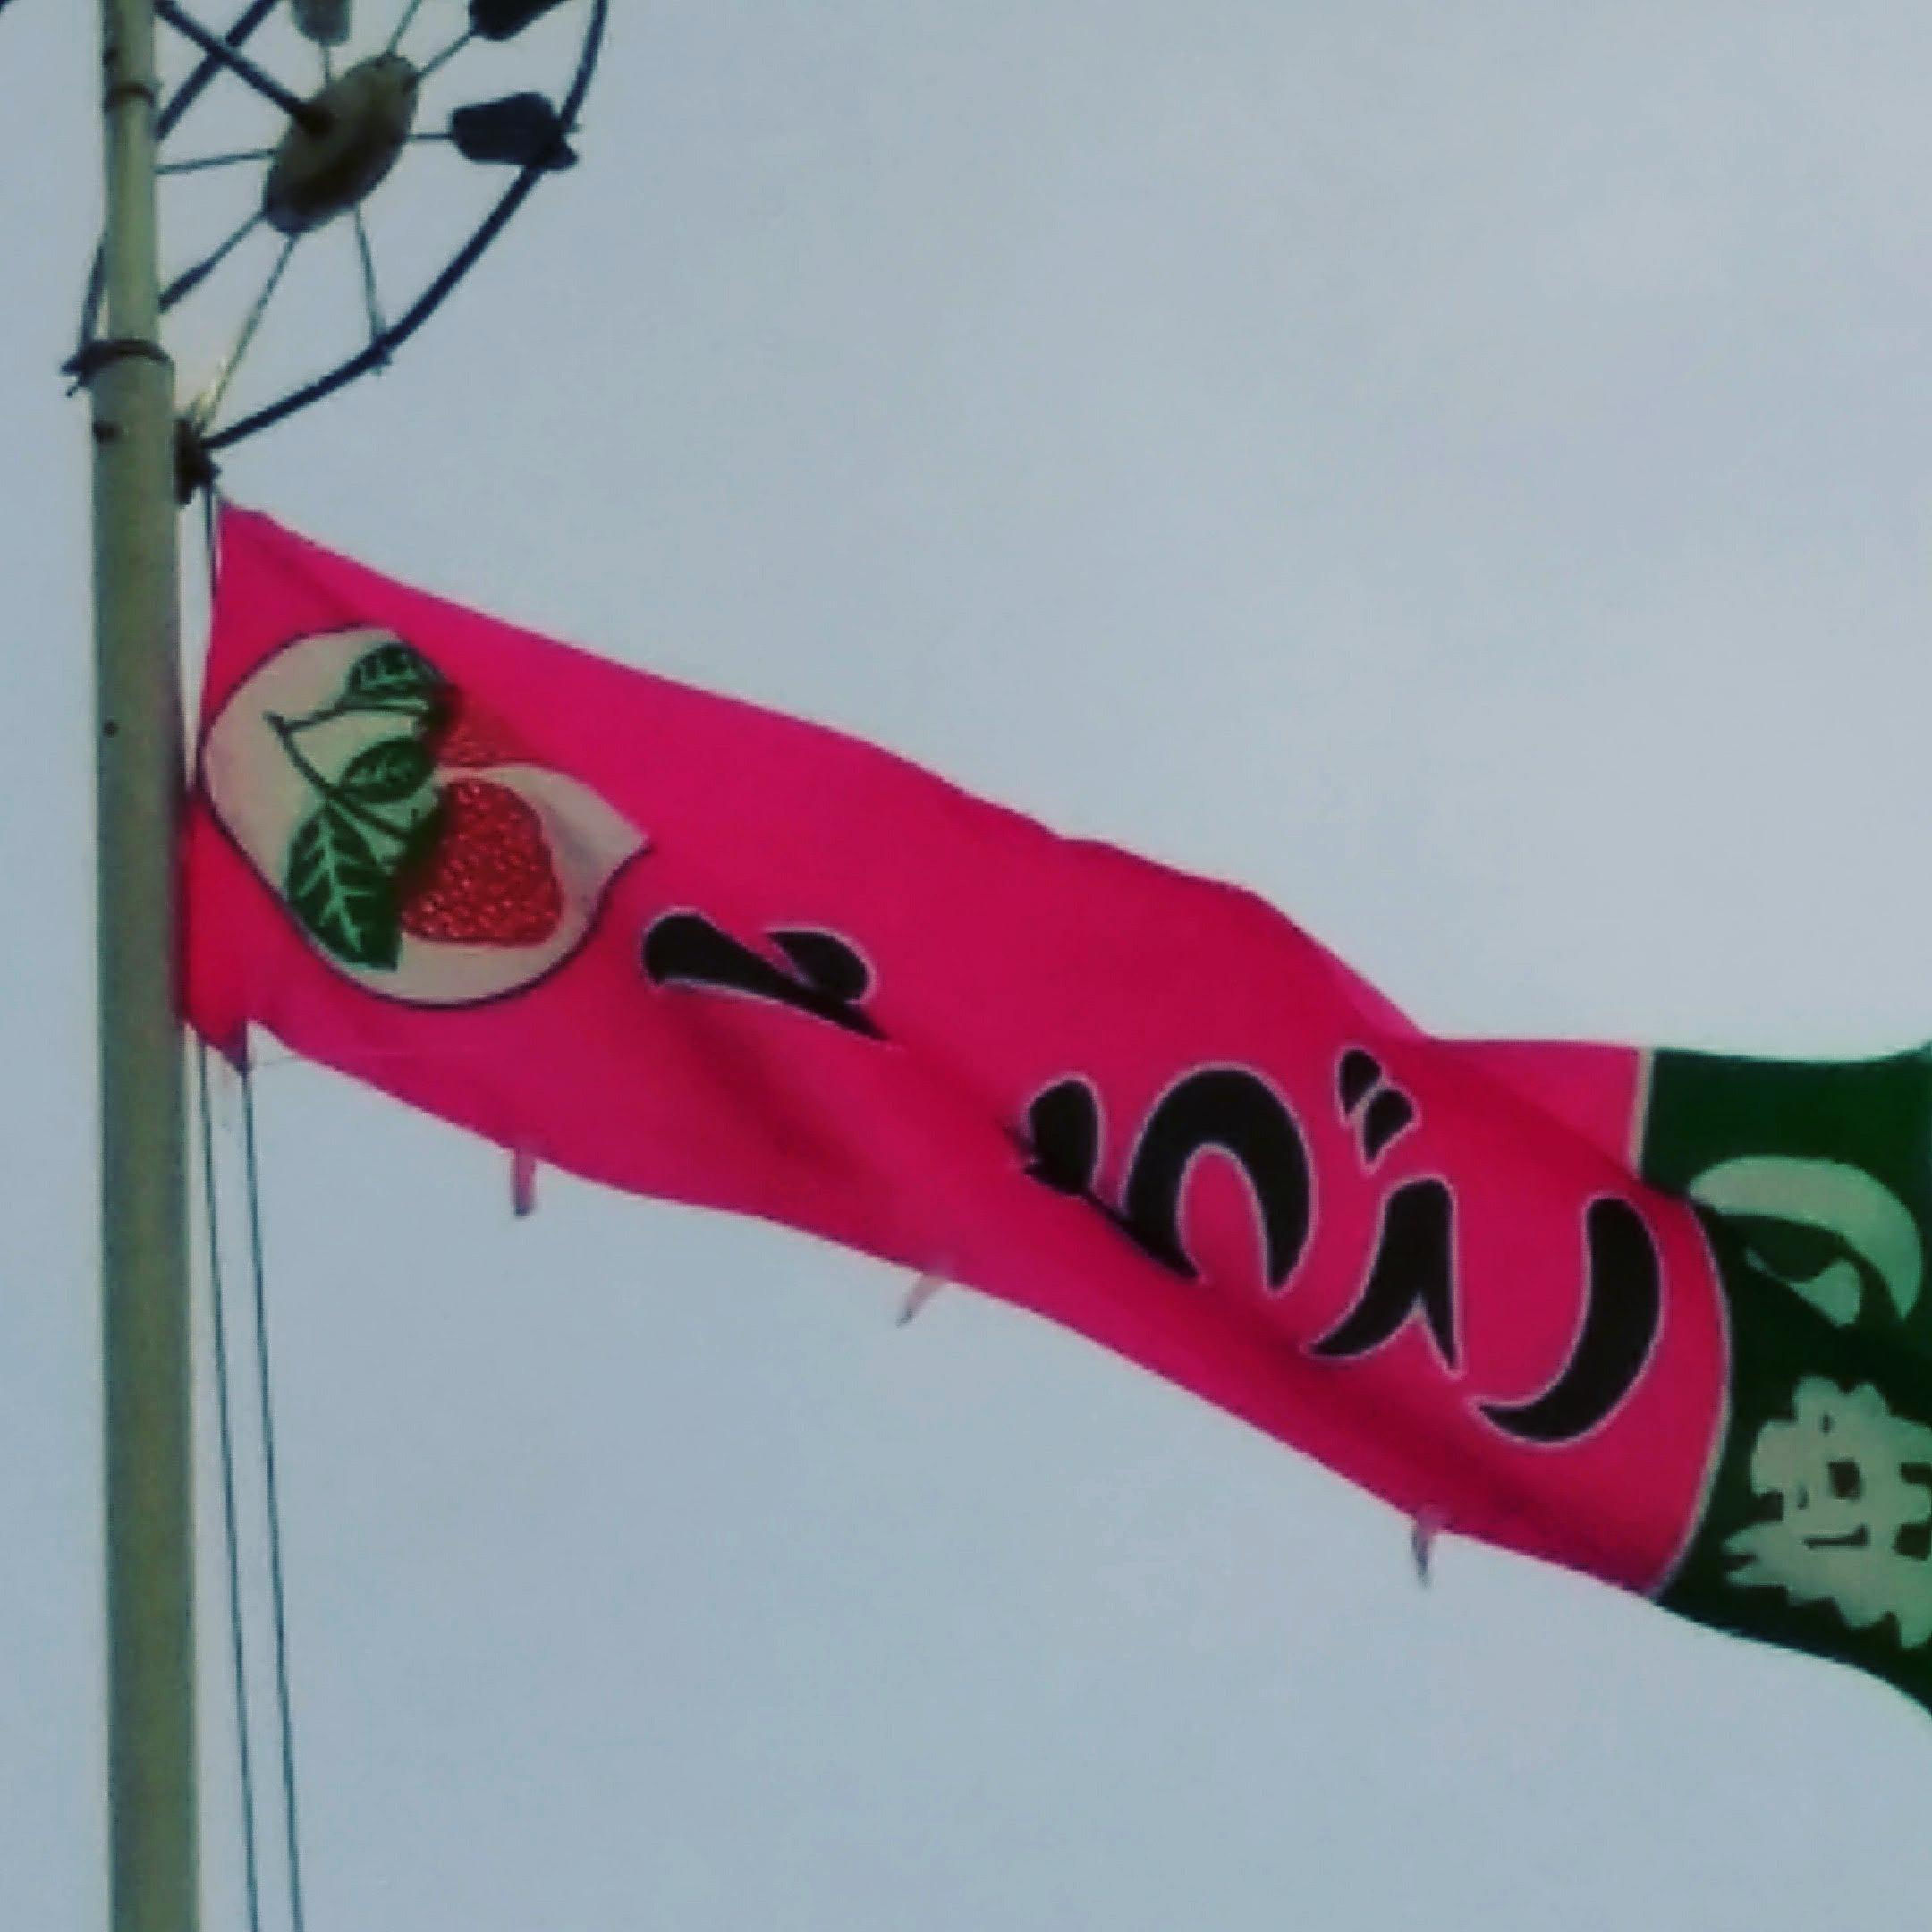 いちご狩り この旗目指してね_e0219448_08001547.jpg